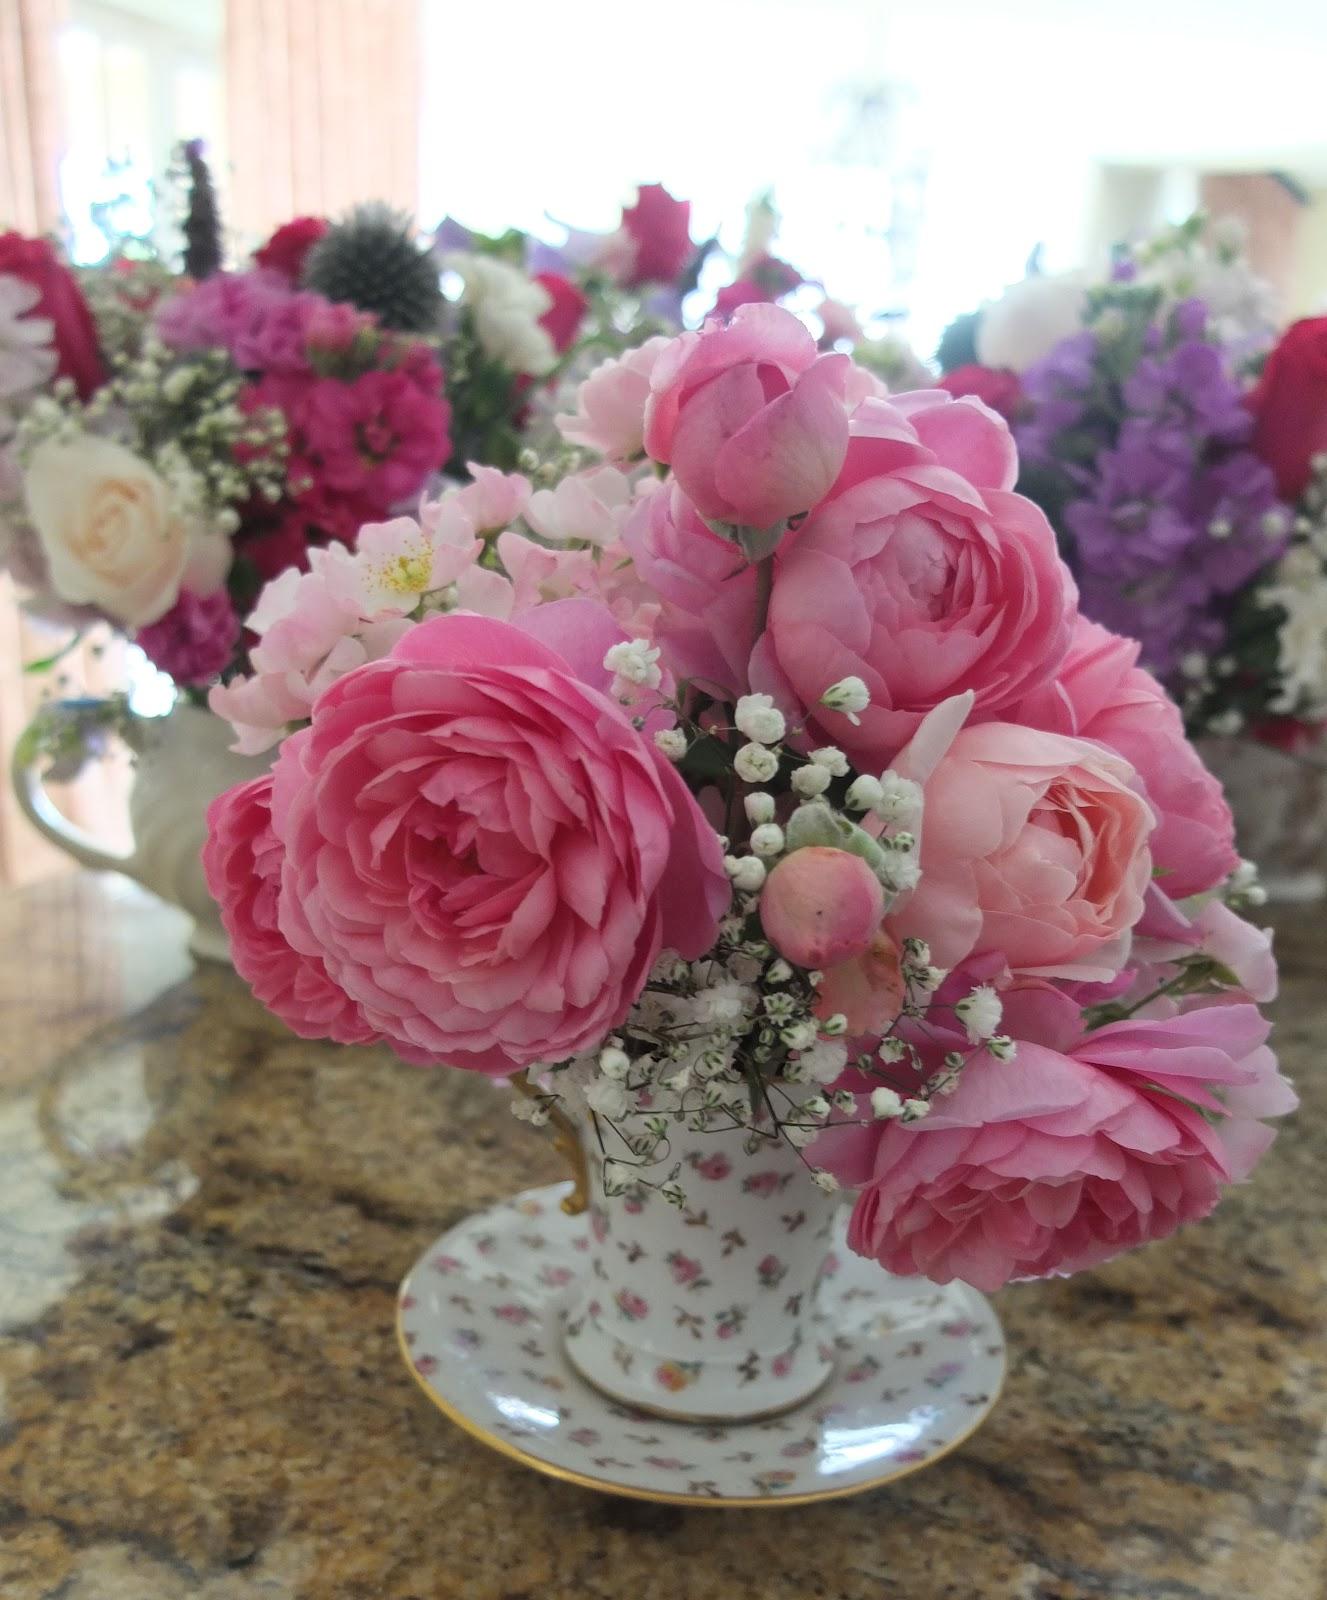 Vintage Flower Arrangements For Wedding: Antique Style: Antique Teapot Flower Arrangements At A Wedding